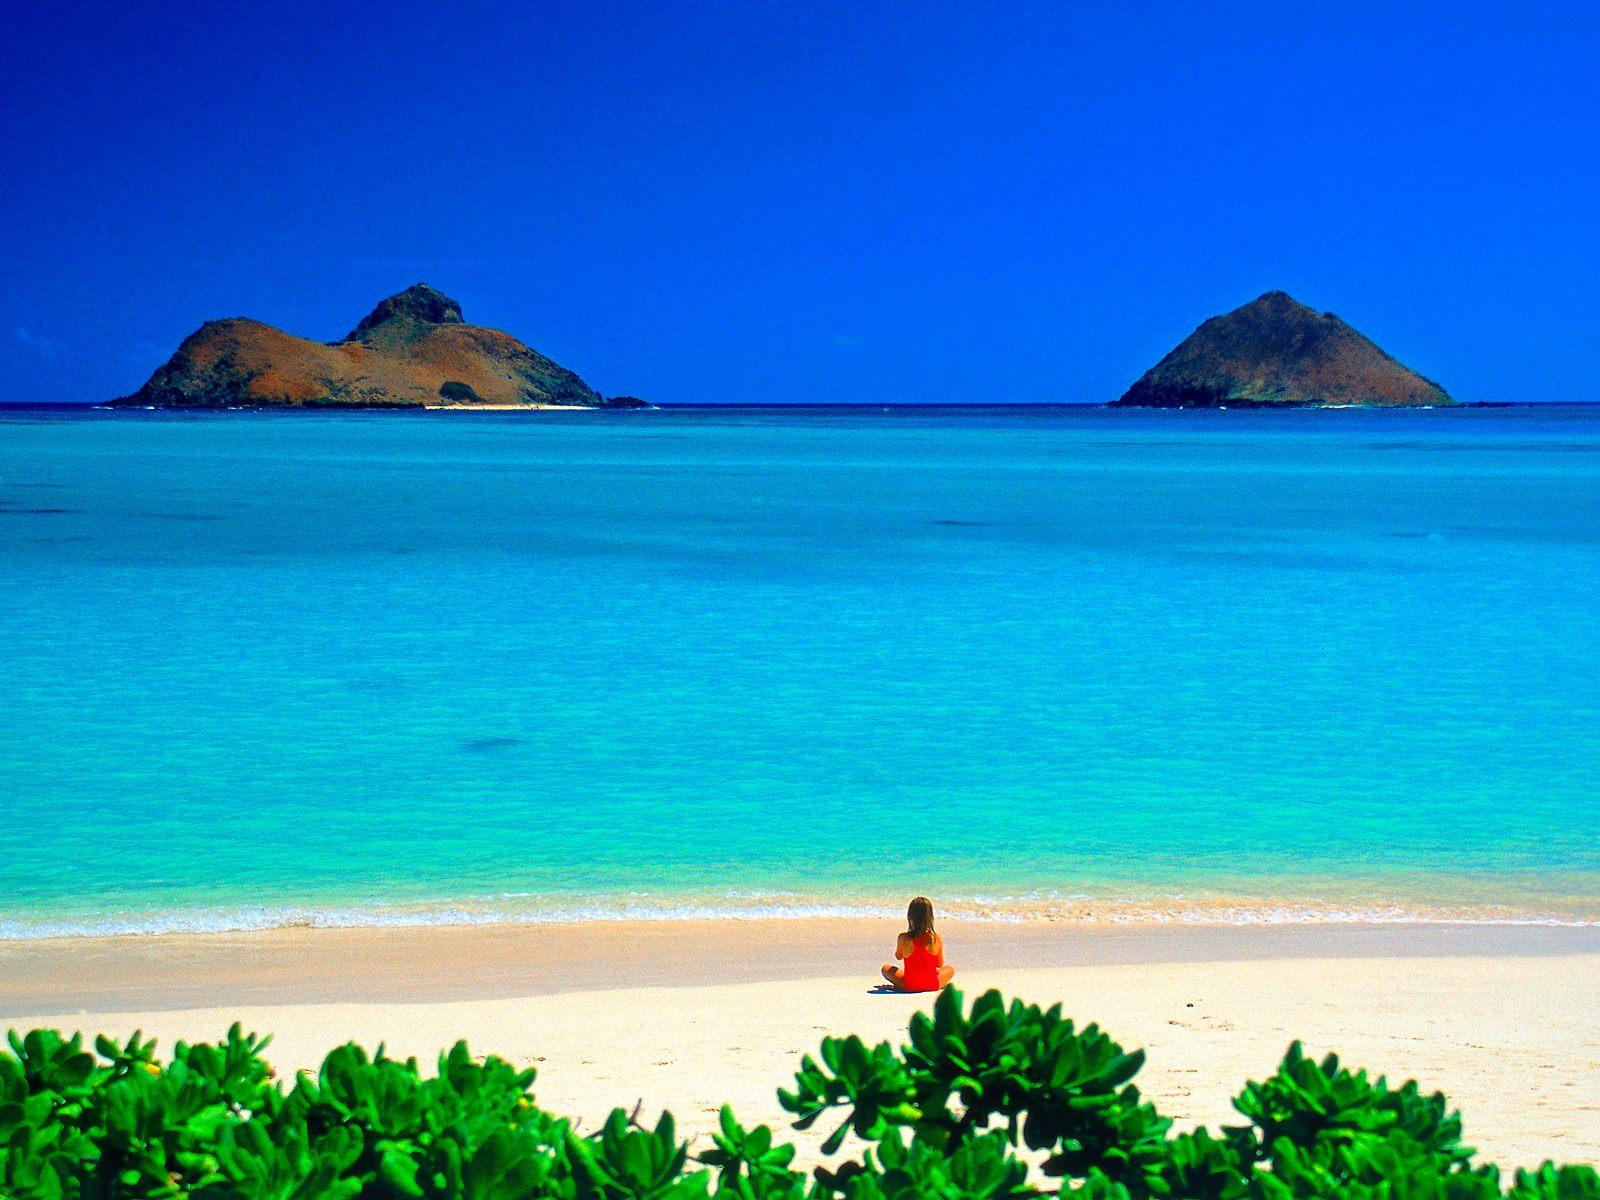 Oahu playa nudista hawaii